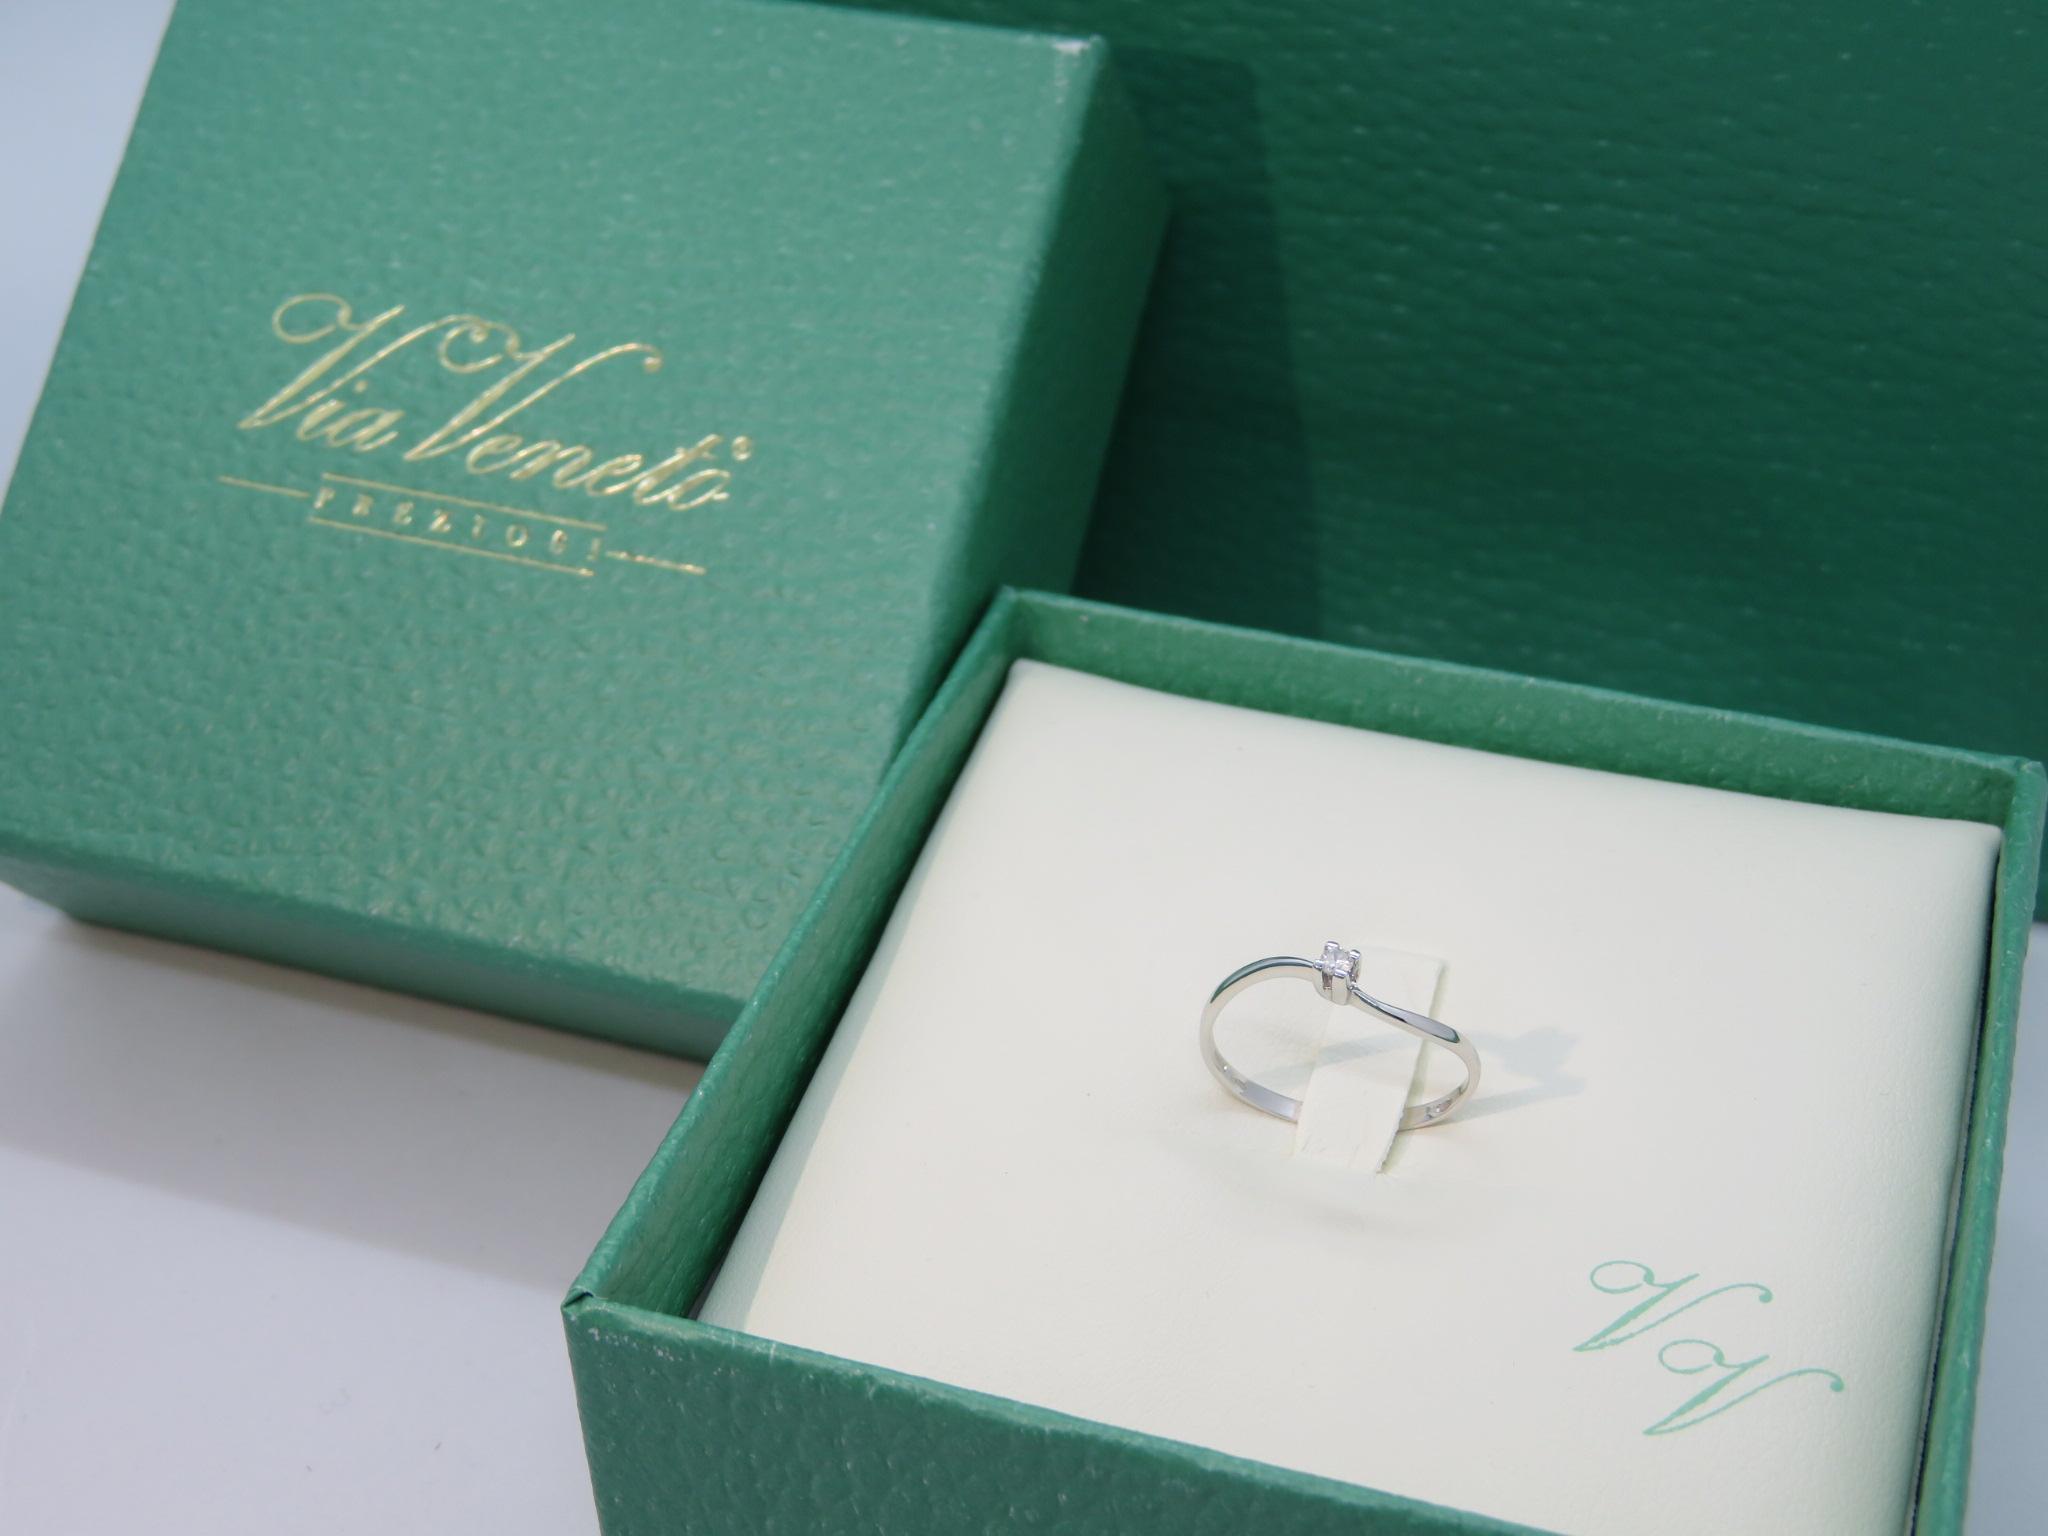 Anello Solitario ViaVeneto Contrarier Oro bianco 18 kt con Diamante -2